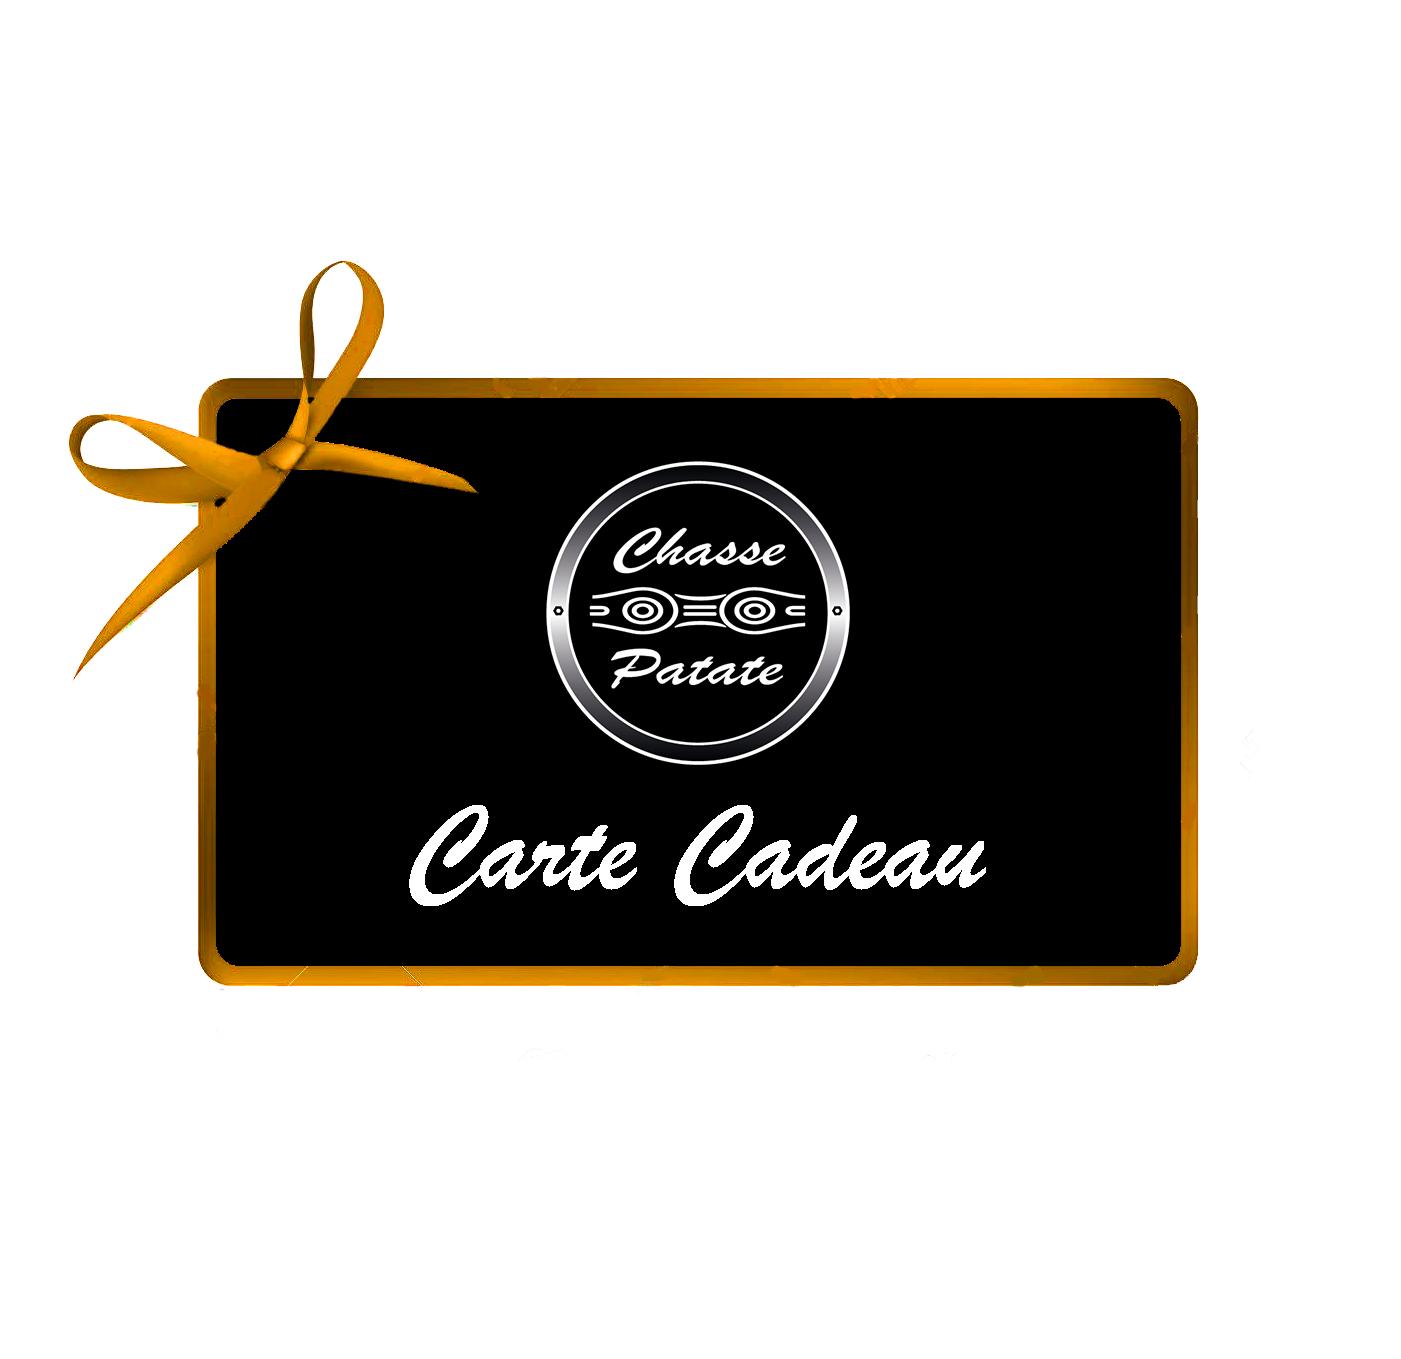 Carte-Cadeau-e1580228378672.png